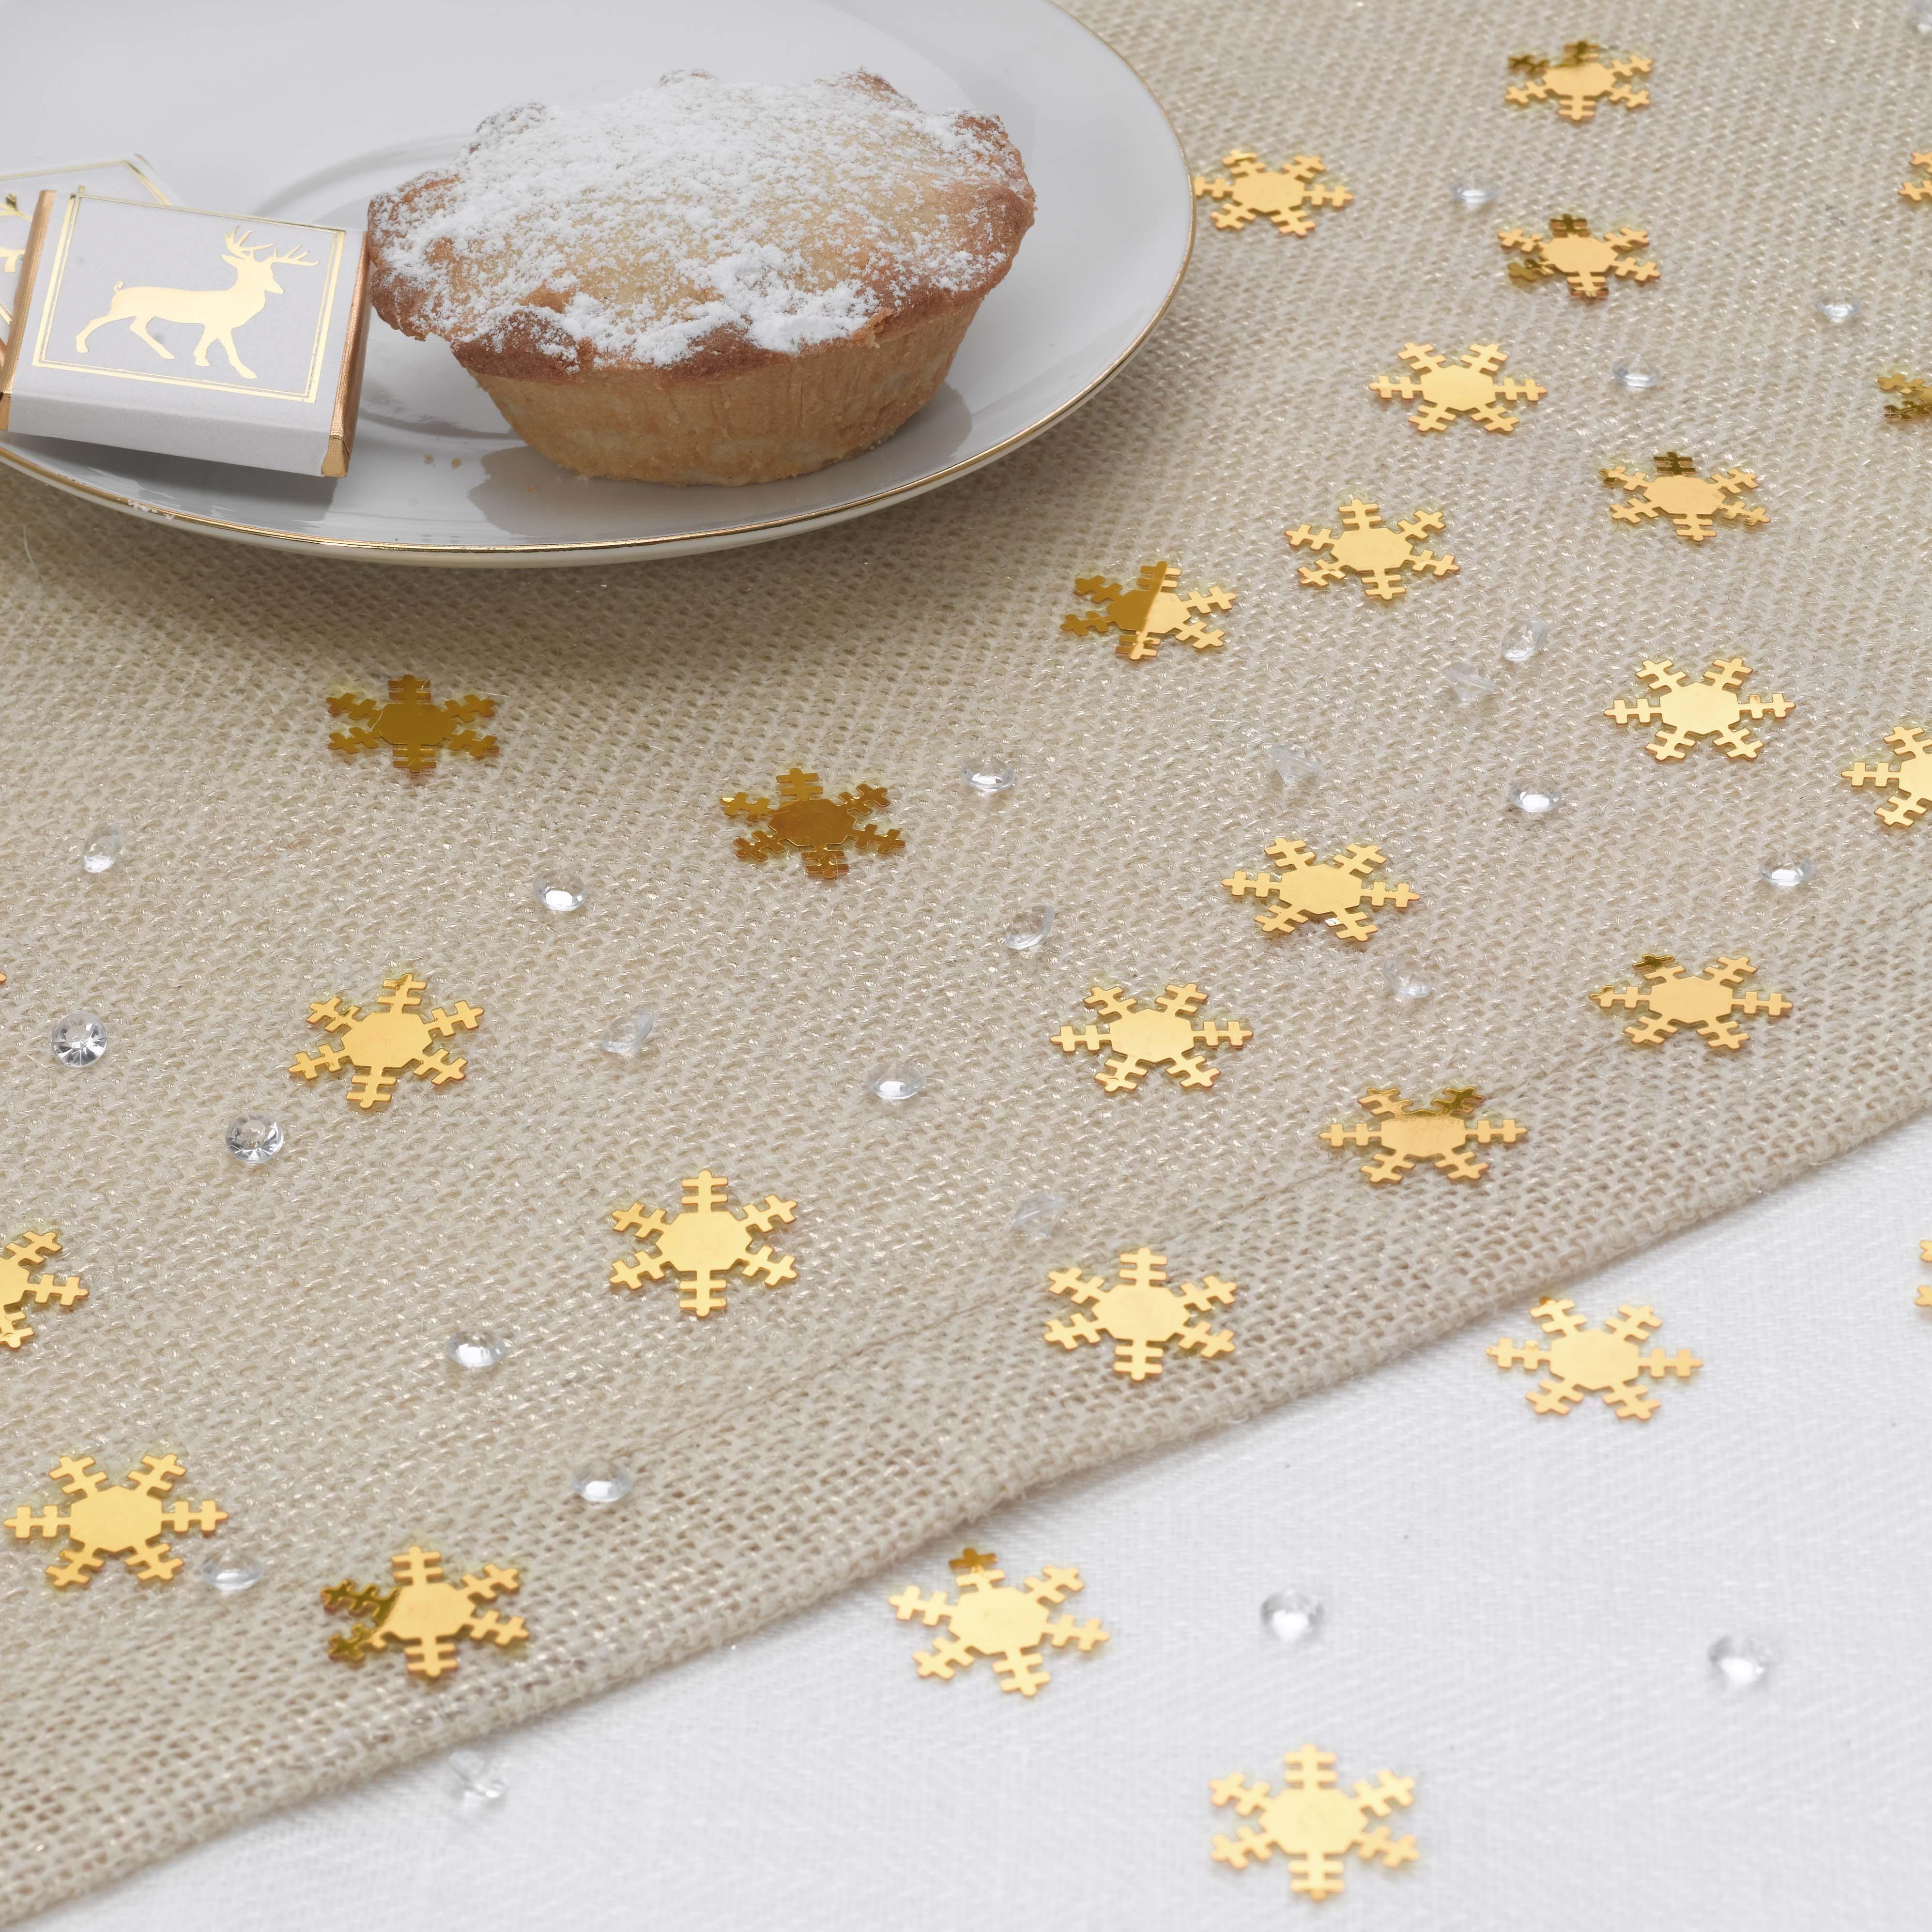 Kerst tafel dekken met veel goud!   christmaholic.nl